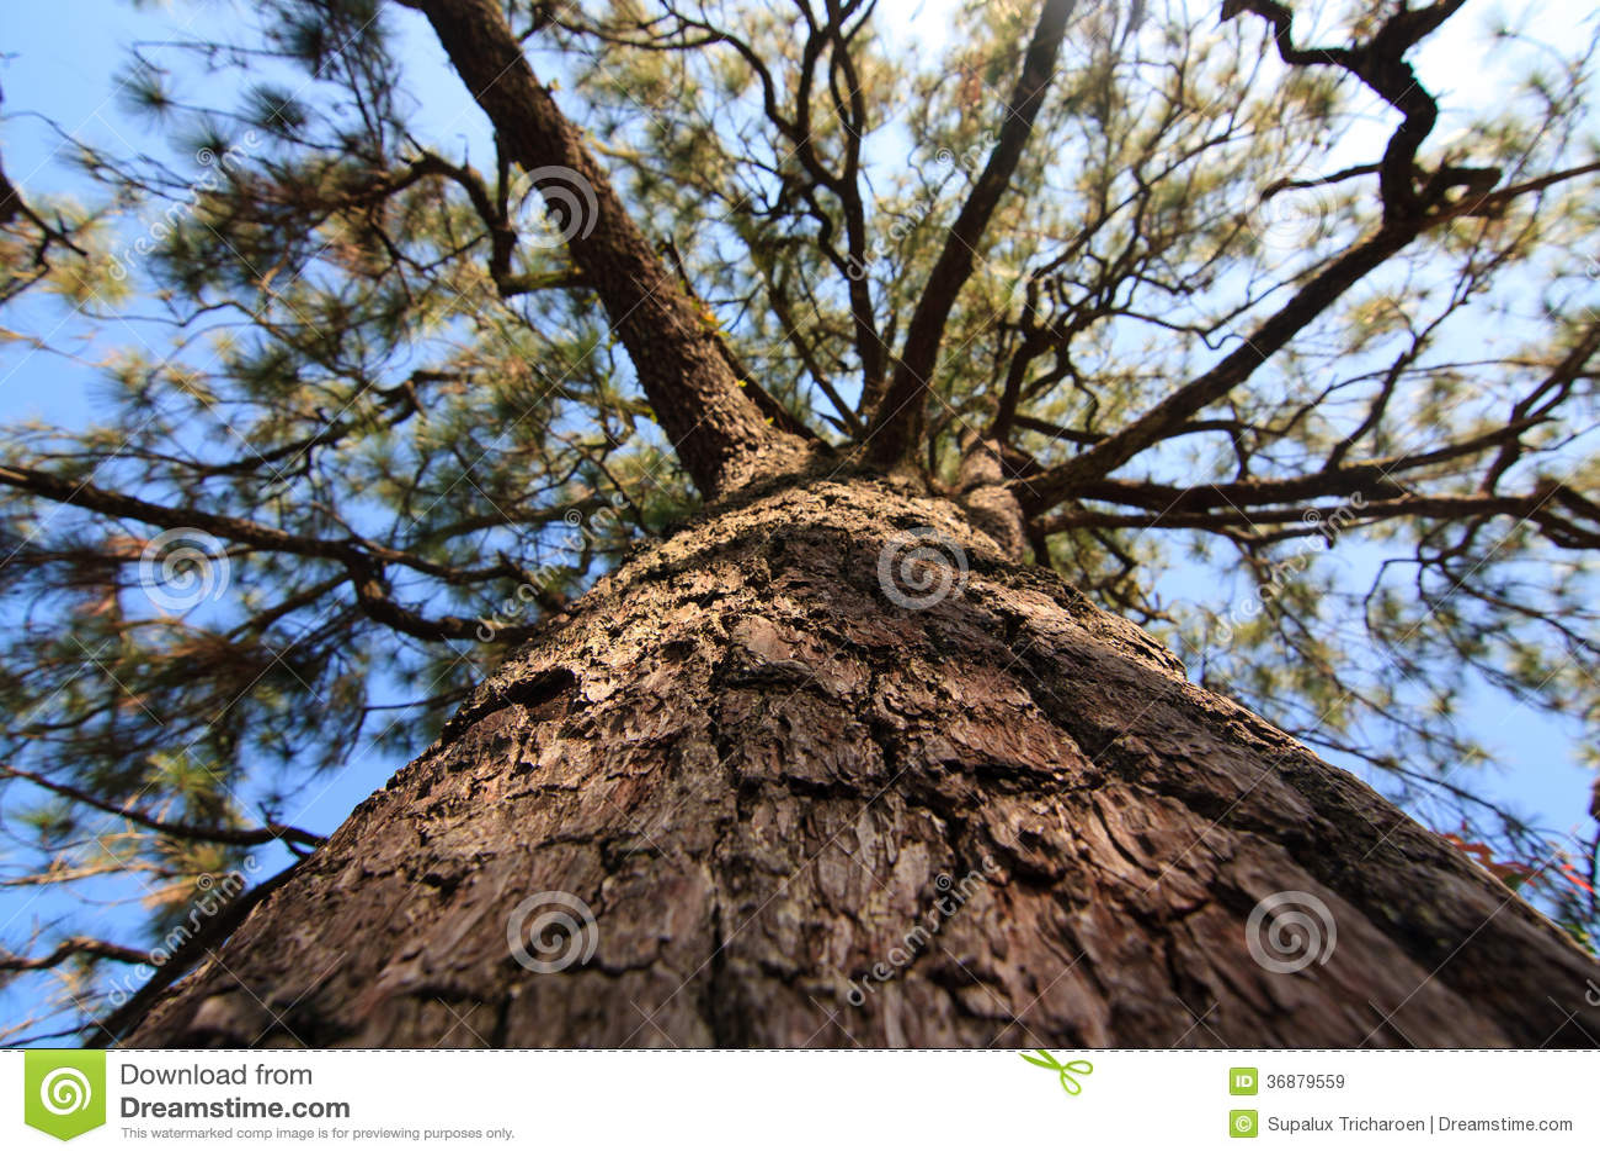 Download Rami dell'albero immagine stock. Immagine di verde, filiali - 36879559